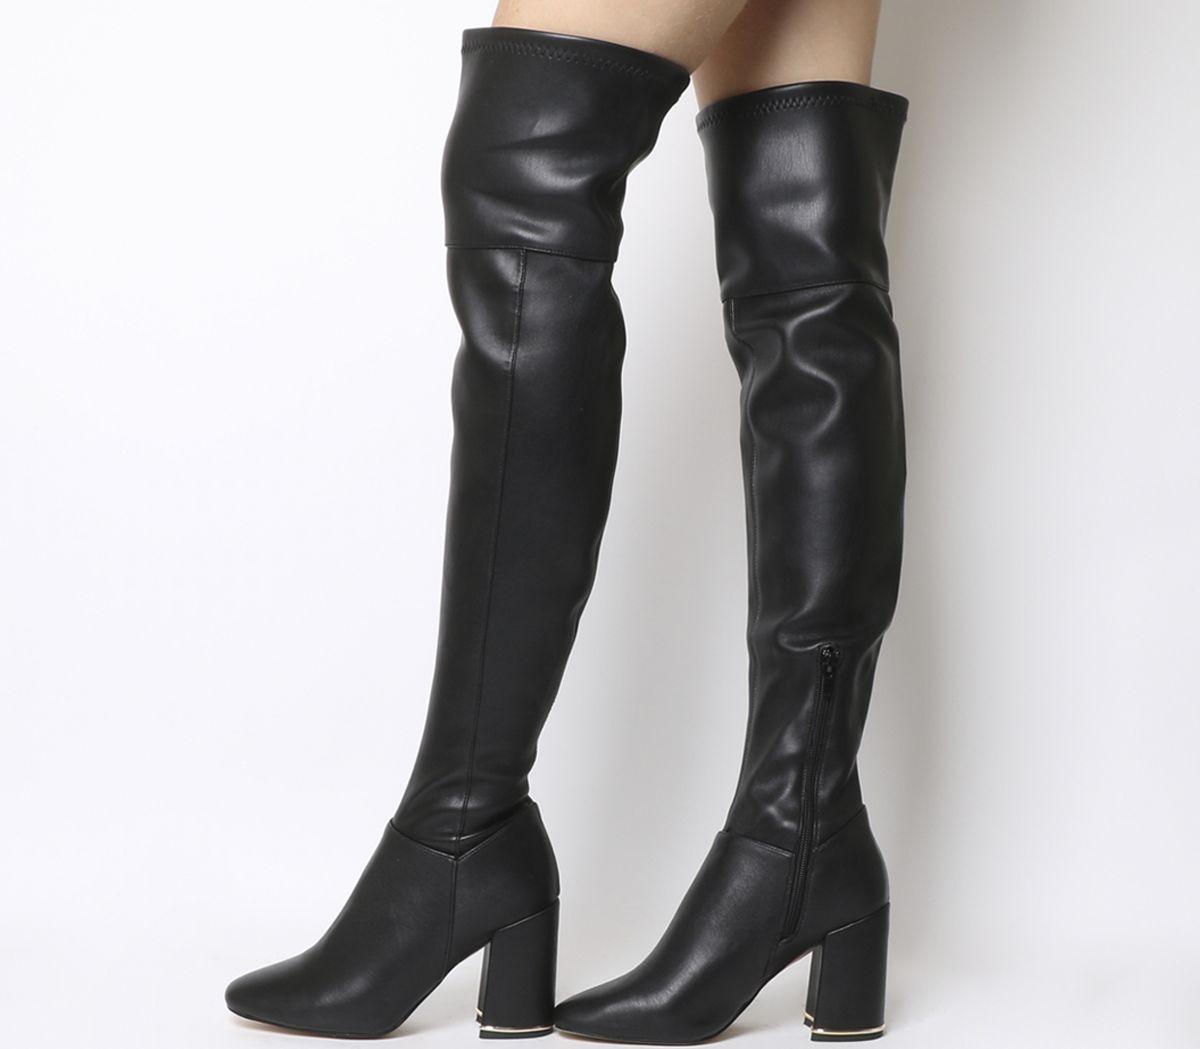 b2609399915 Office Katch Block Heel Over The Knee Boots Black - Knee Boots